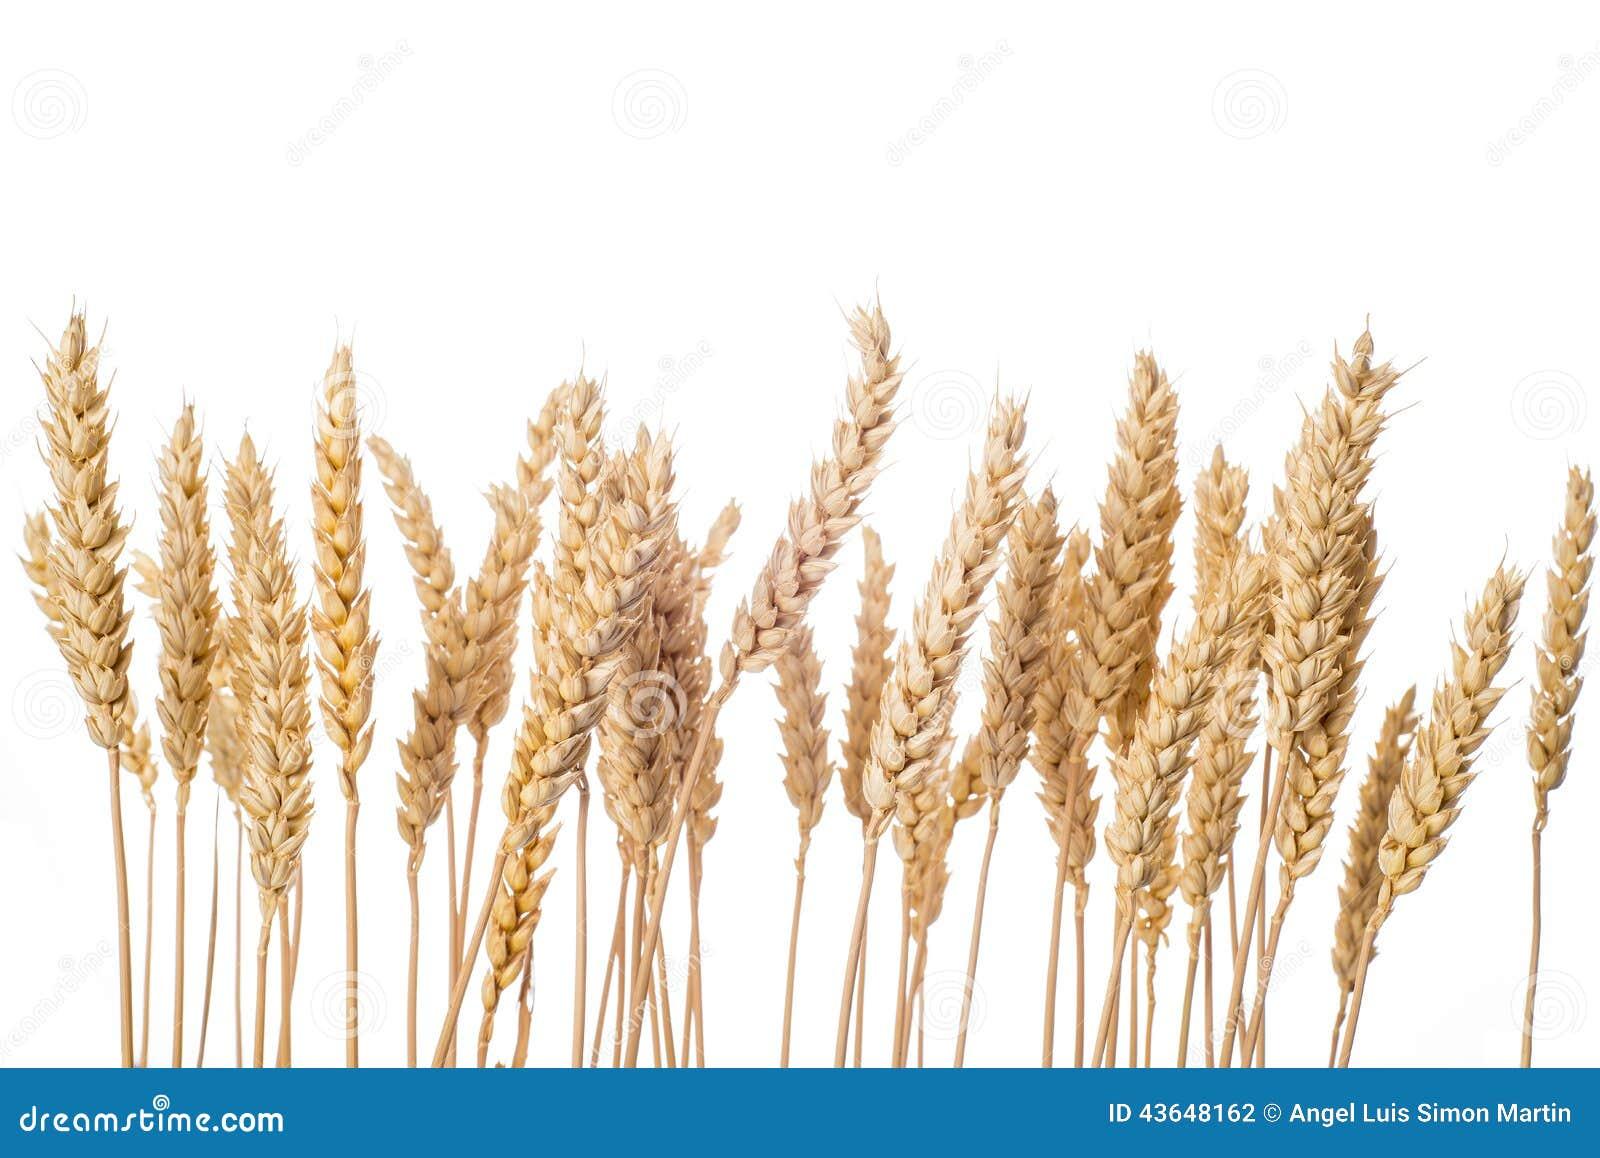 Уши пшеницы изолированные на белой предпосылке